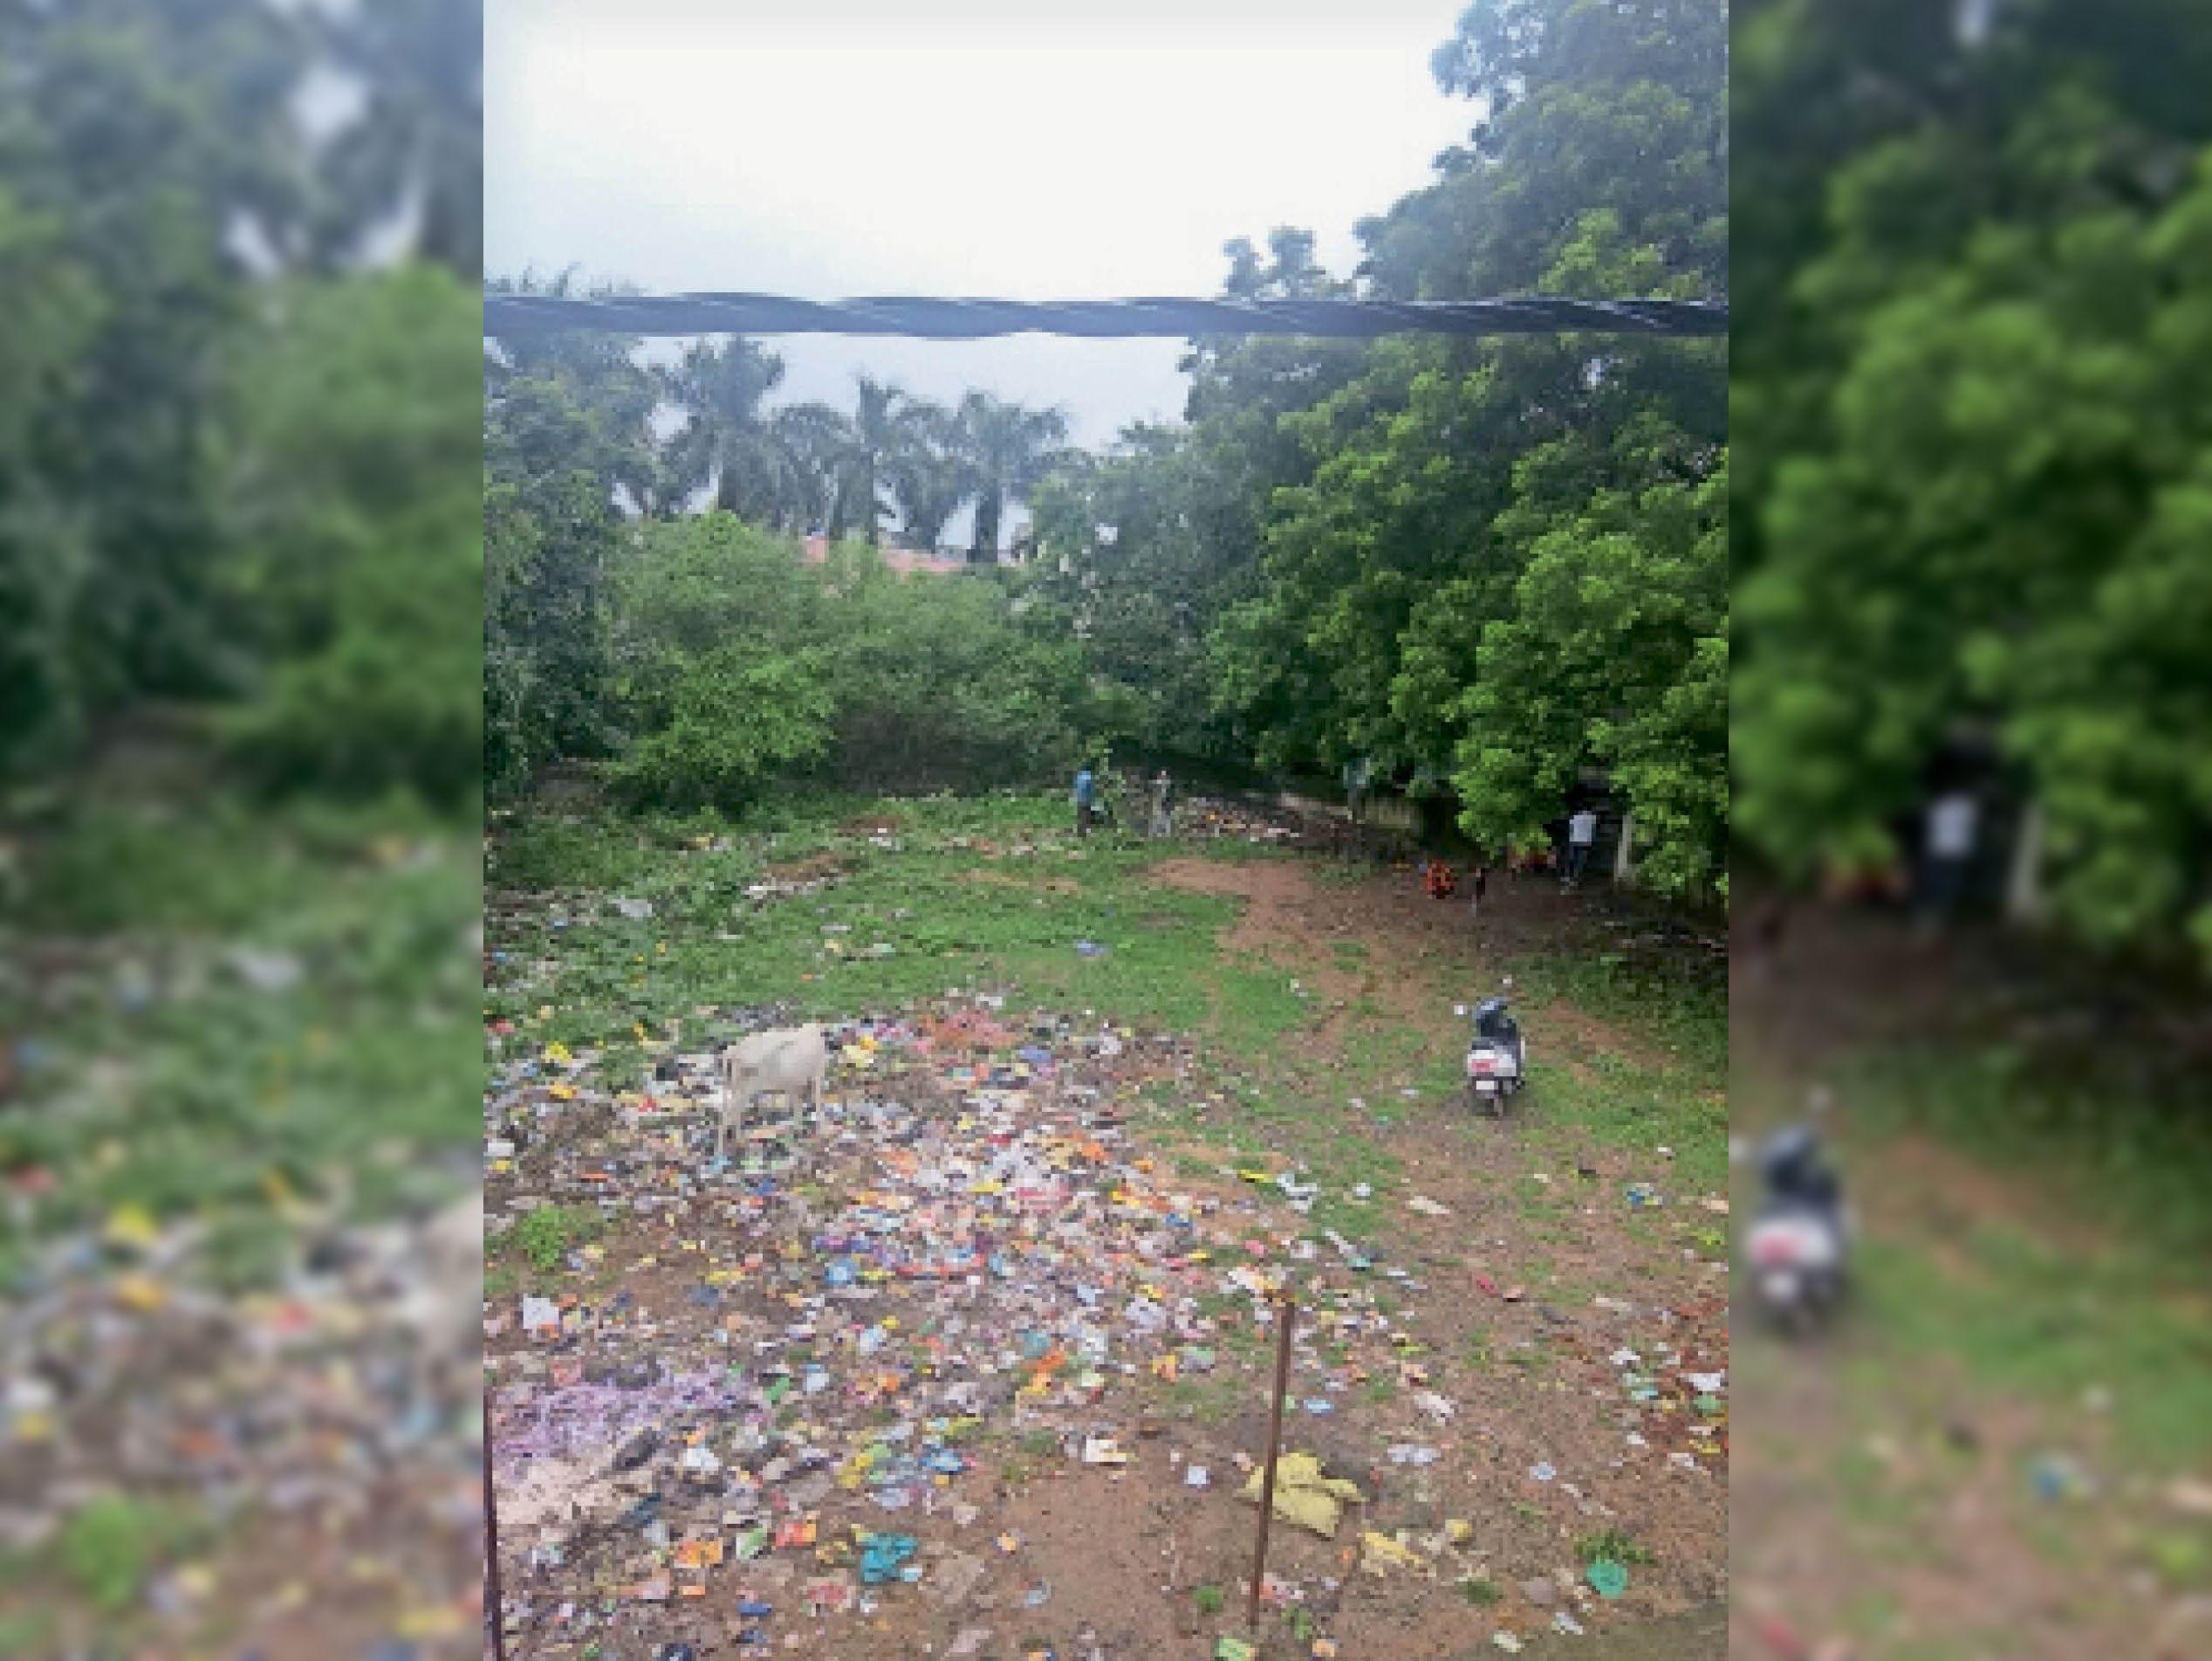 प्रतापनगर में नपा नहीं करा रही सफाई, कचरा हटाने शुल्क देने को तैयार हैं लोग।